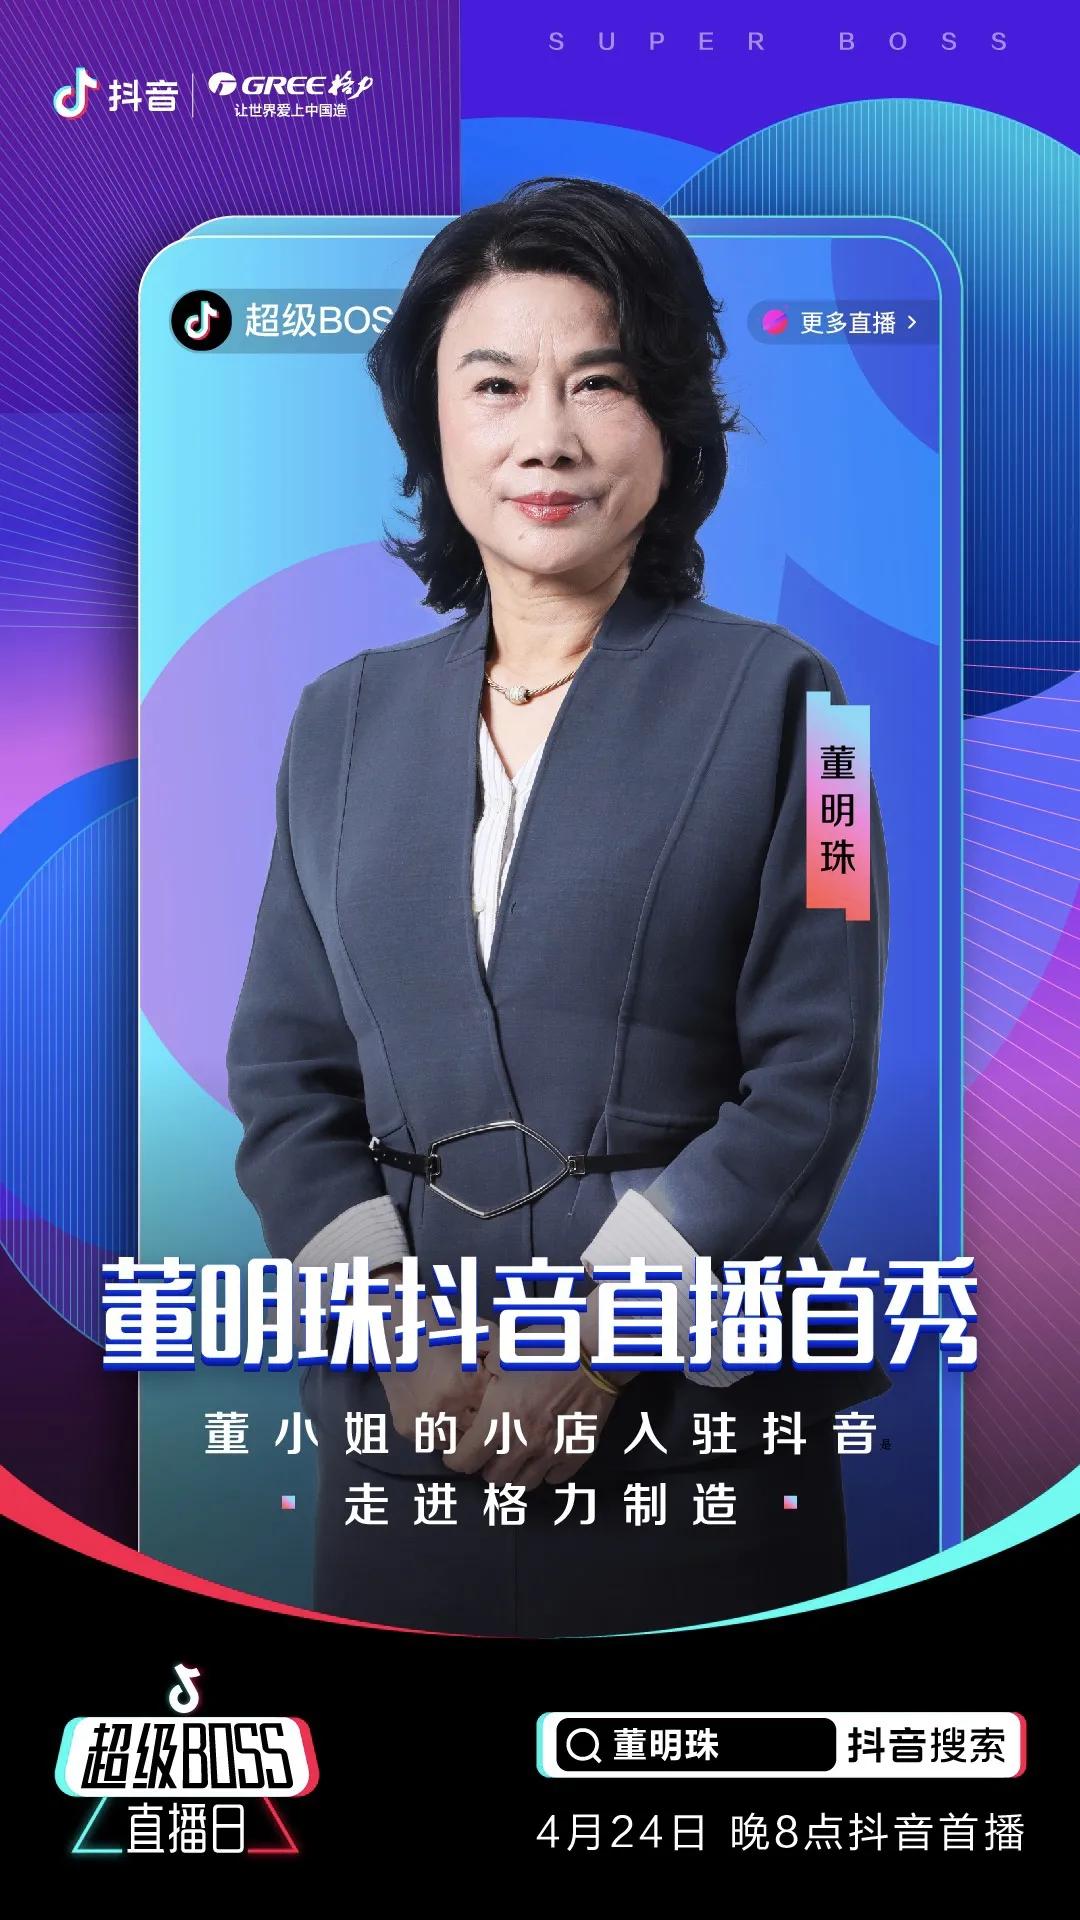 董明珠即将开启抖音直播首秀-中国网地产